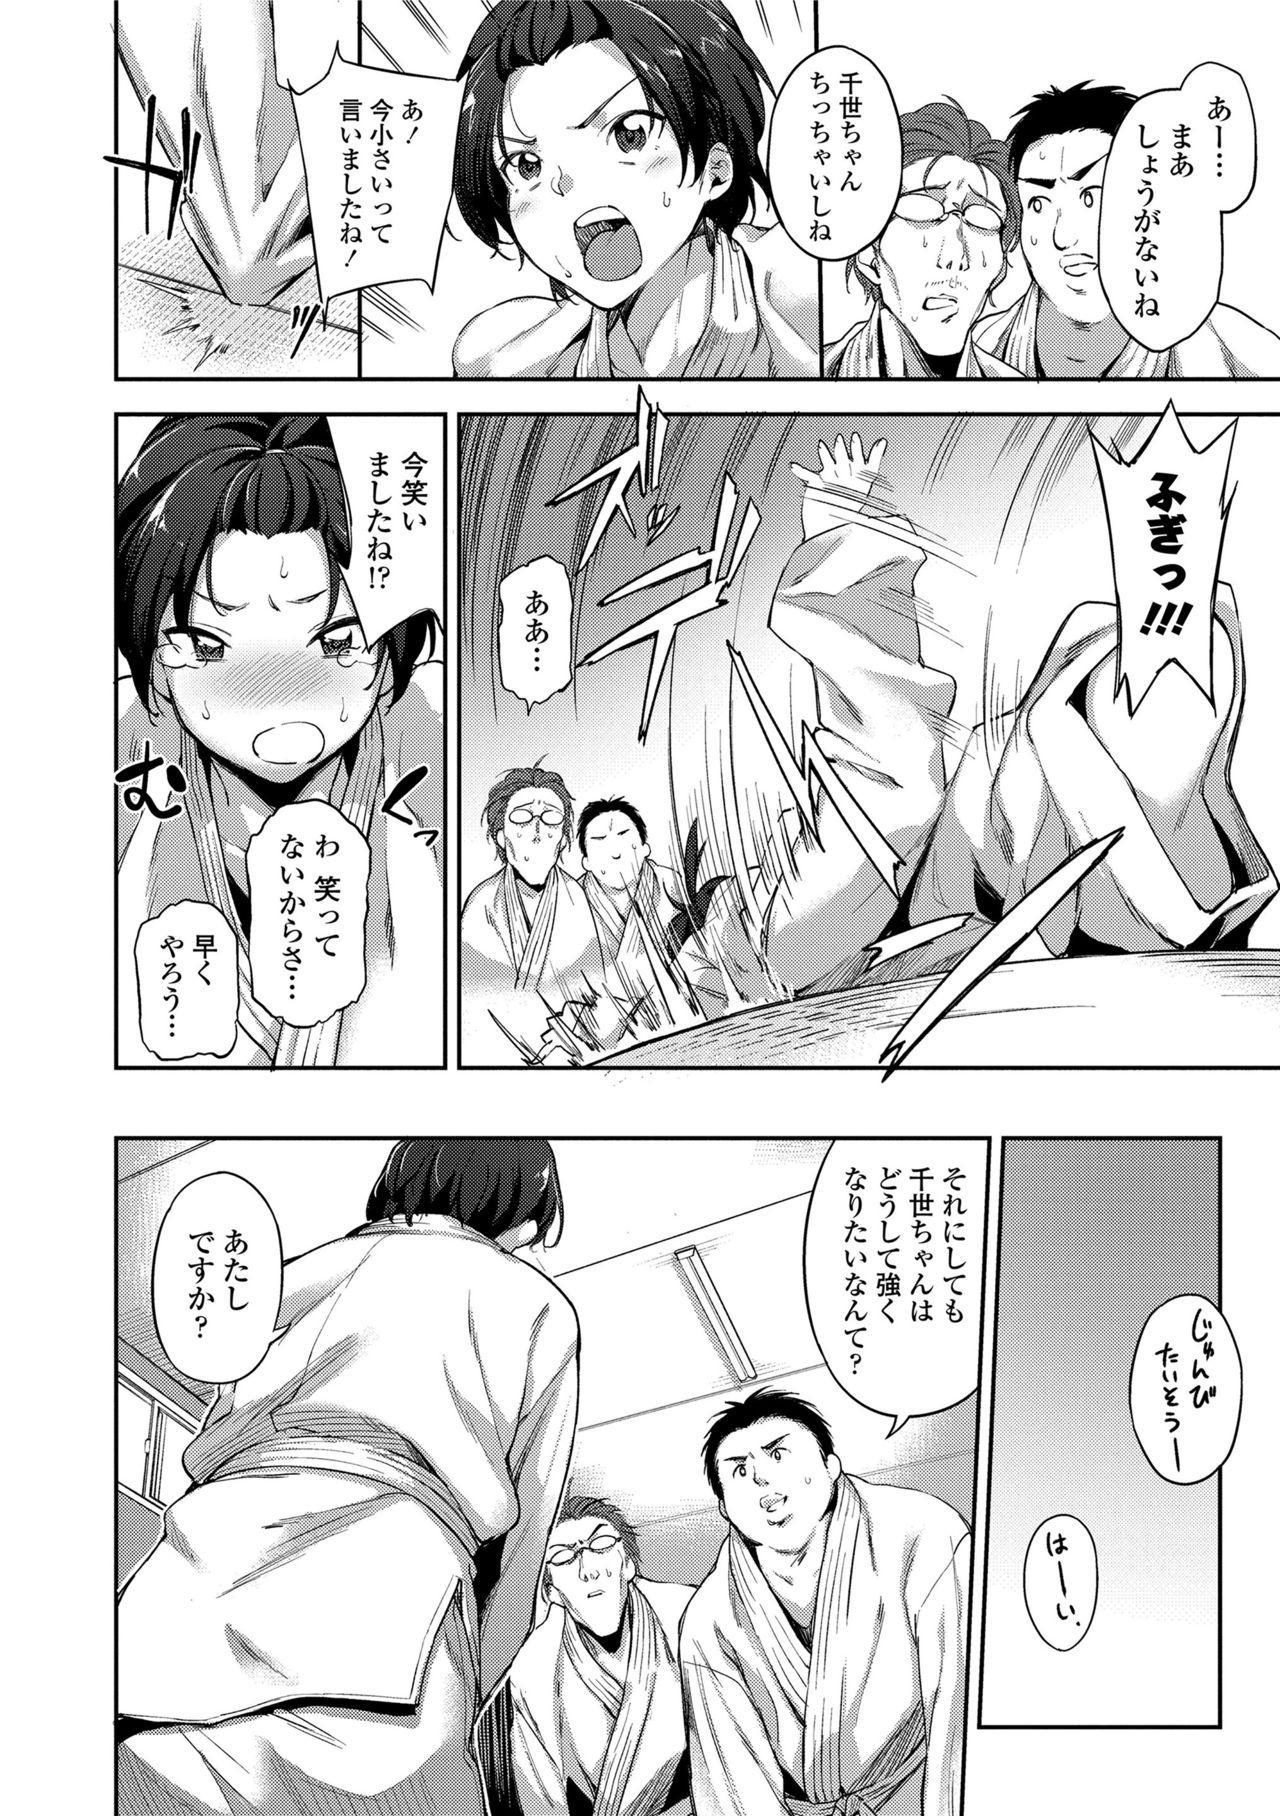 Ai ga Nakutemo Ecchi wa Dekiru! - Even if There is No Love You Can H! 85